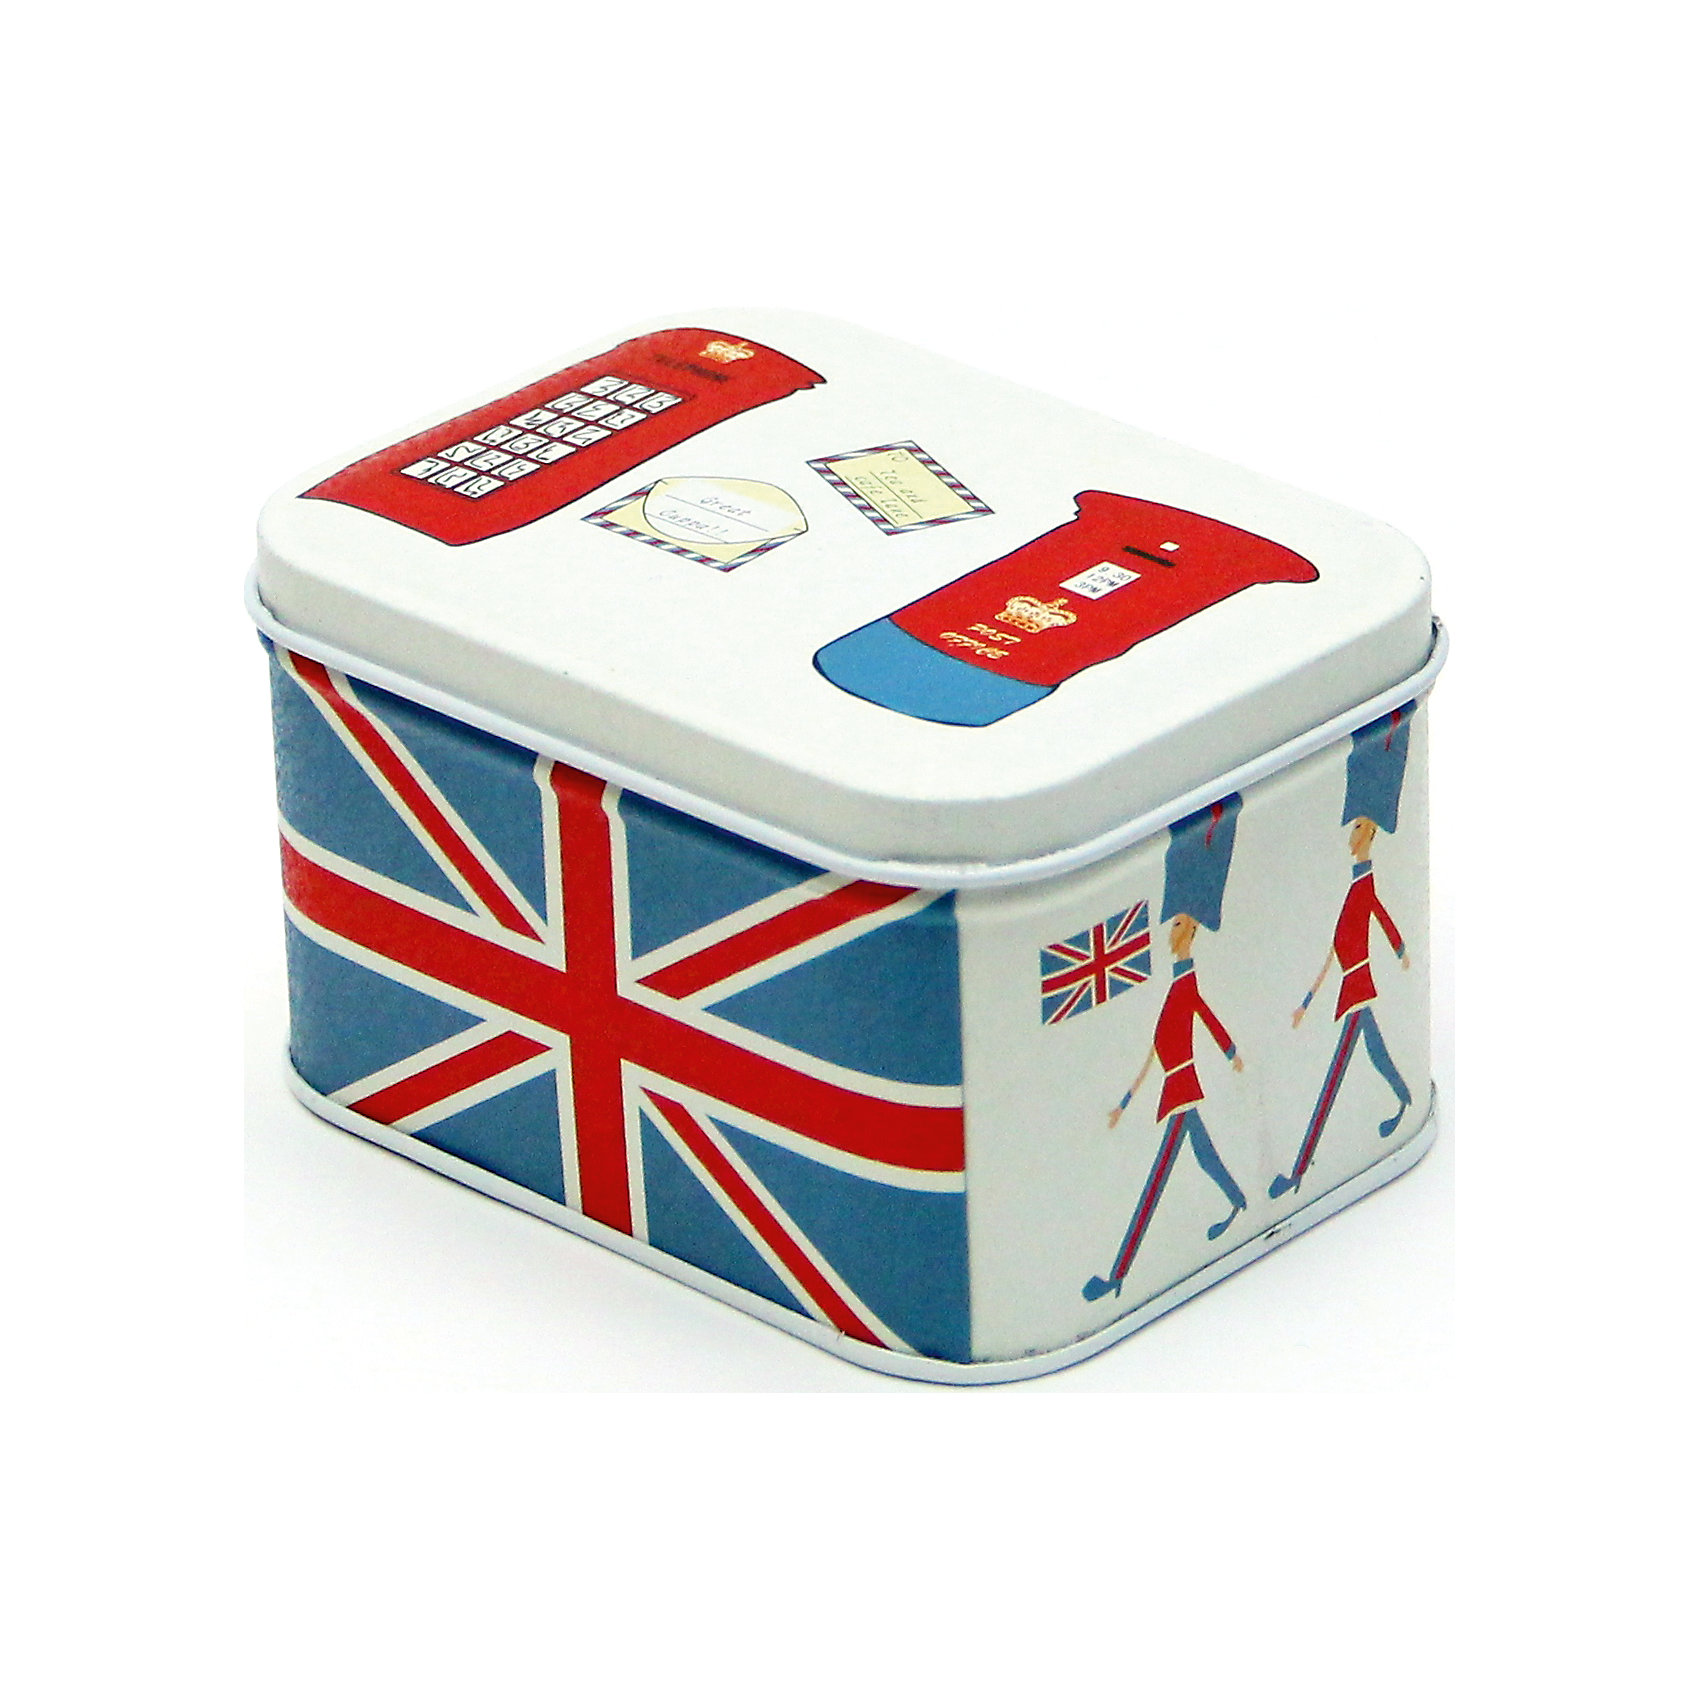 Коробка для мелочей Лондон 10,5*8*6 смДетские предметы интерьера<br>Удобная и практичная коробка для мелочей Лондон позволит компактно разместить различные мелочи и не тратить время на их поиски. Коробка выполнена из черного окрашенного металла и имеет оригинальный дизайн с изображением британского флага и характерными атрибутами британской столицы, оснащена откидной крышкой.<br><br>Дополнительная информация:<br><br>- Материал: черный окрашенный металл.<br>- Размер коробки: 10,5 х 8 х 6 см.<br>- Вес: 95 гр.<br><br>Коробку для мелочей Лондон, Феникс-презент, можно купить в нашем интернет-магазине.<br><br>Ширина мм: 60<br>Глубина мм: 80<br>Высота мм: 100<br>Вес г: 95<br>Возраст от месяцев: 36<br>Возраст до месяцев: 2147483647<br>Пол: Унисекс<br>Возраст: Детский<br>SKU: 4501175